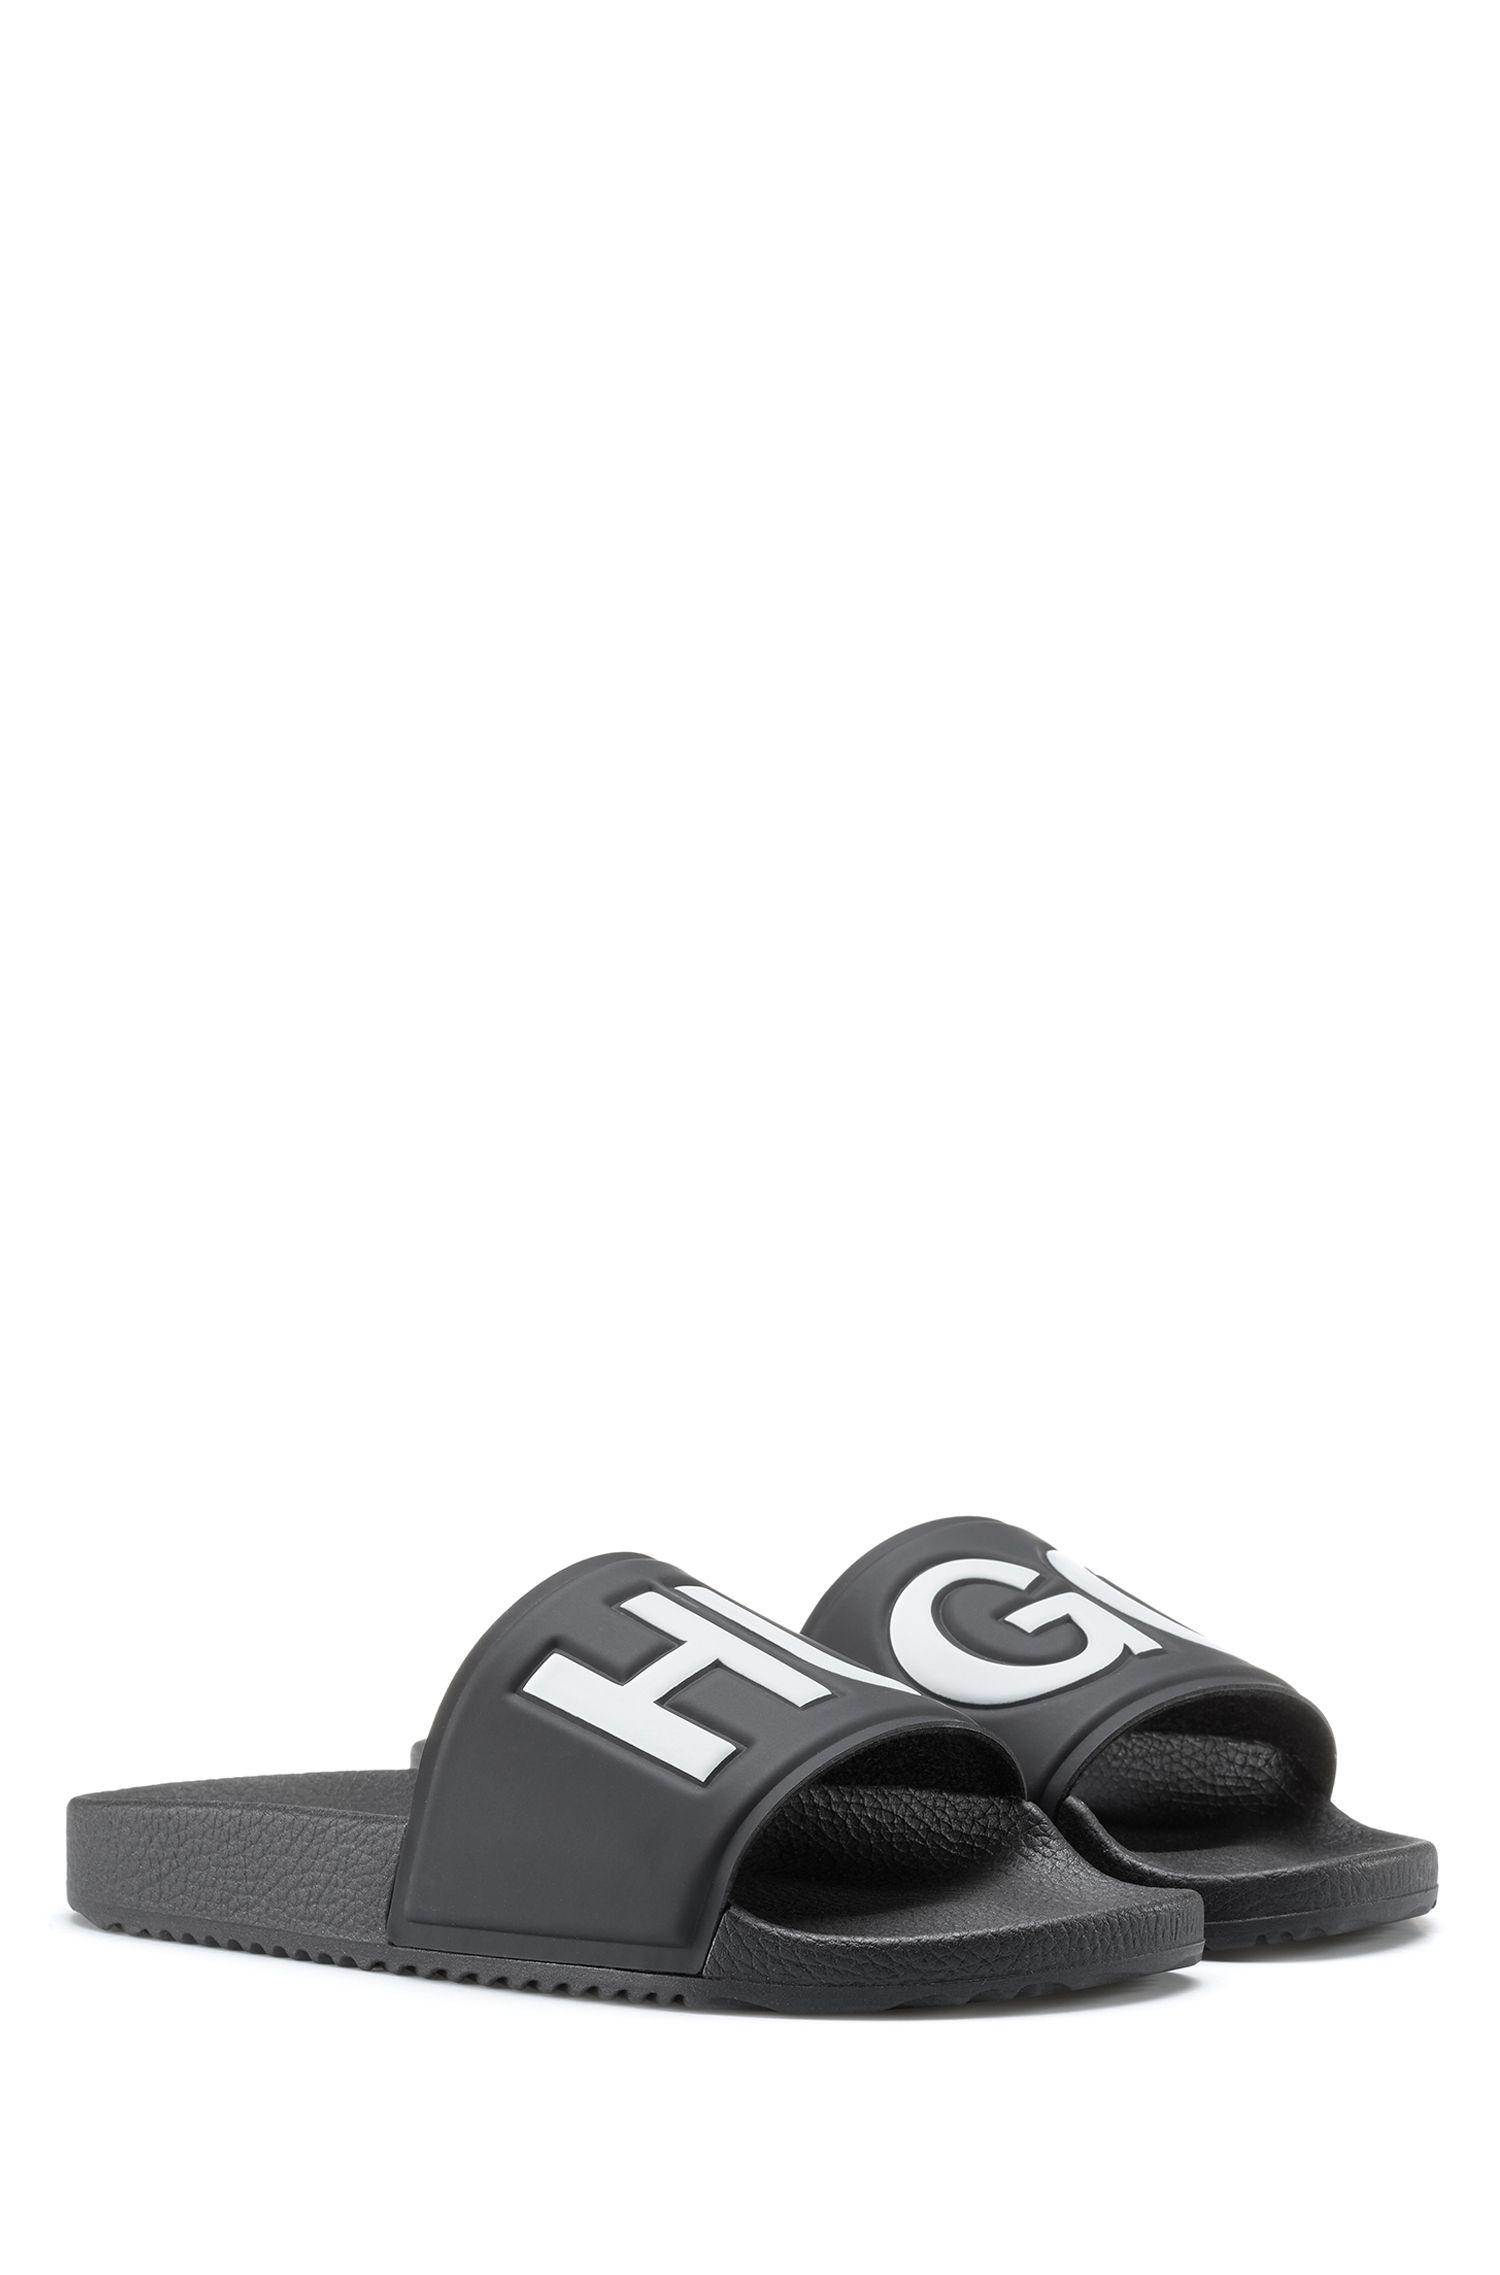 Contrast logo slides with contoured footbed, Black